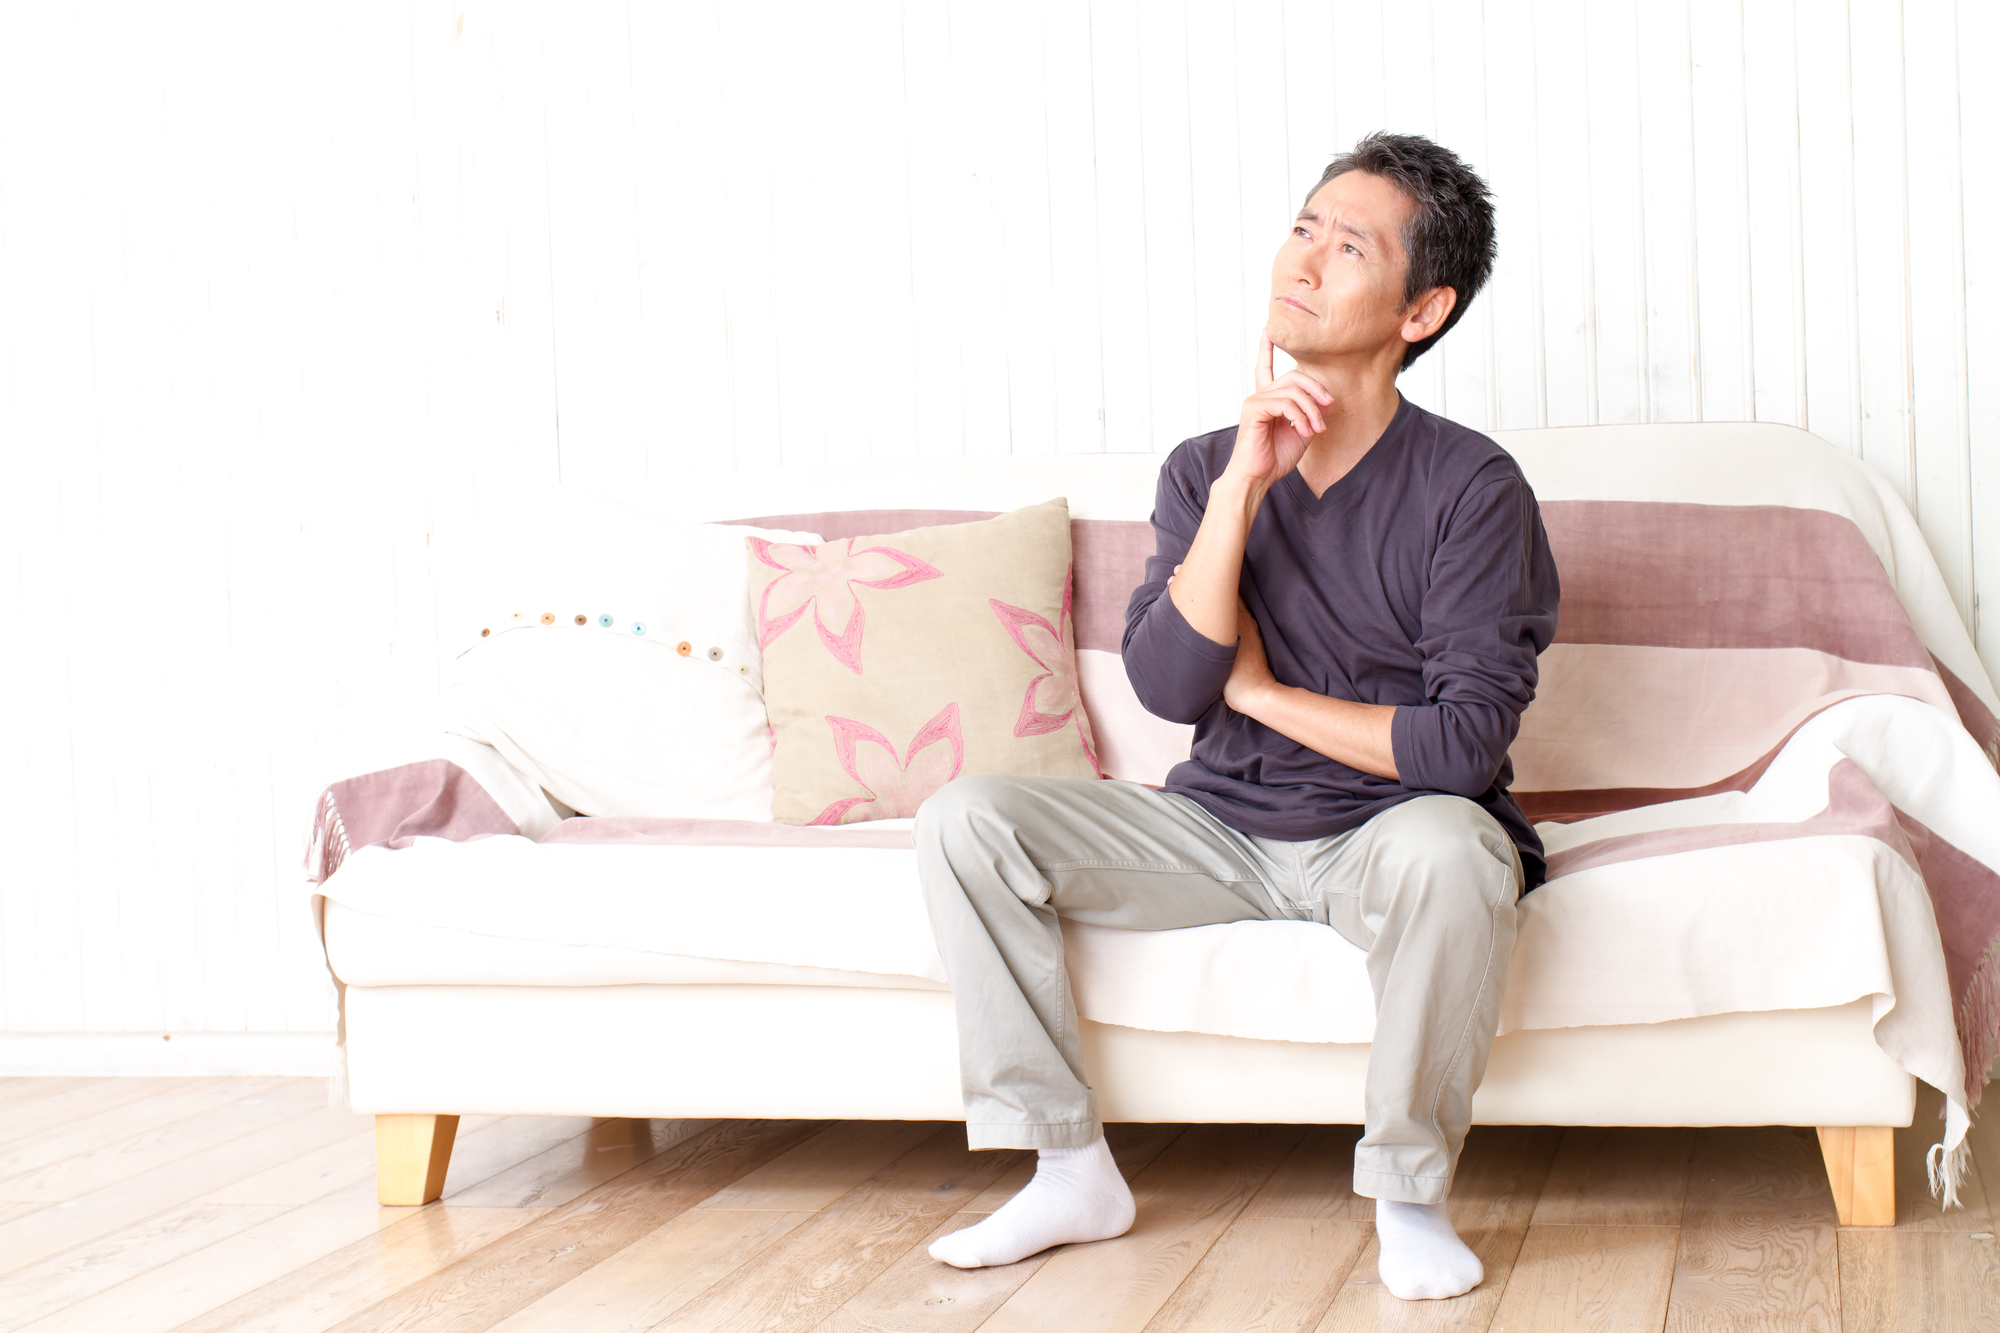 ソファに座って悩む男性